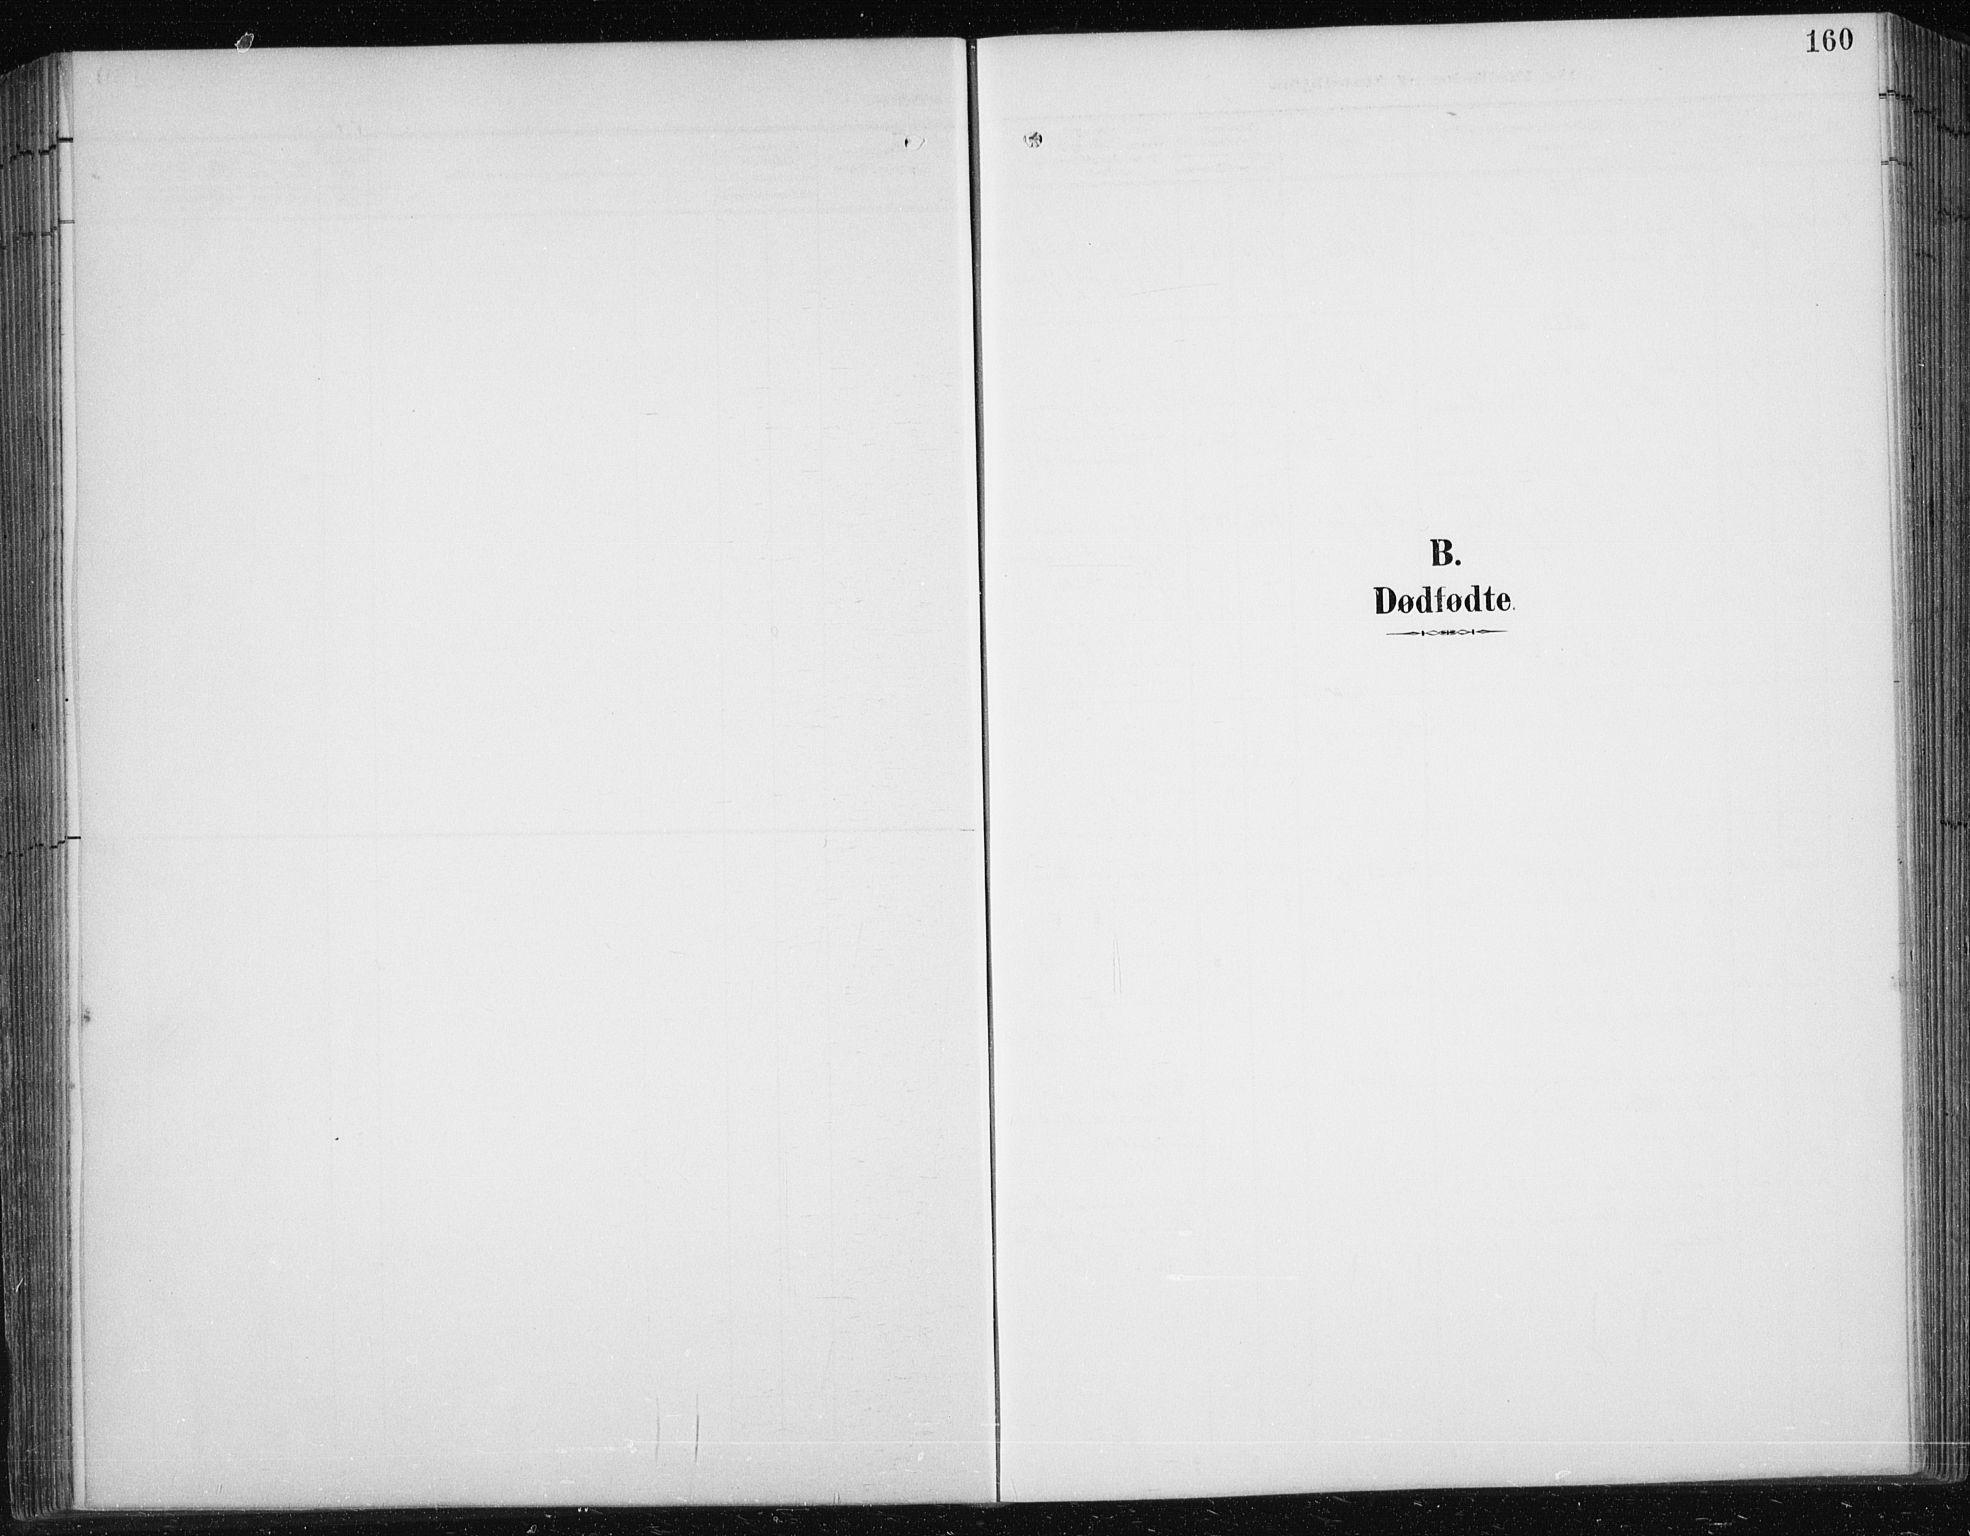 SAT, Ministerialprotokoller, klokkerbøker og fødselsregistre - Sør-Trøndelag, 674/L0876: Klokkerbok nr. 674C03, 1892-1912, s. 160